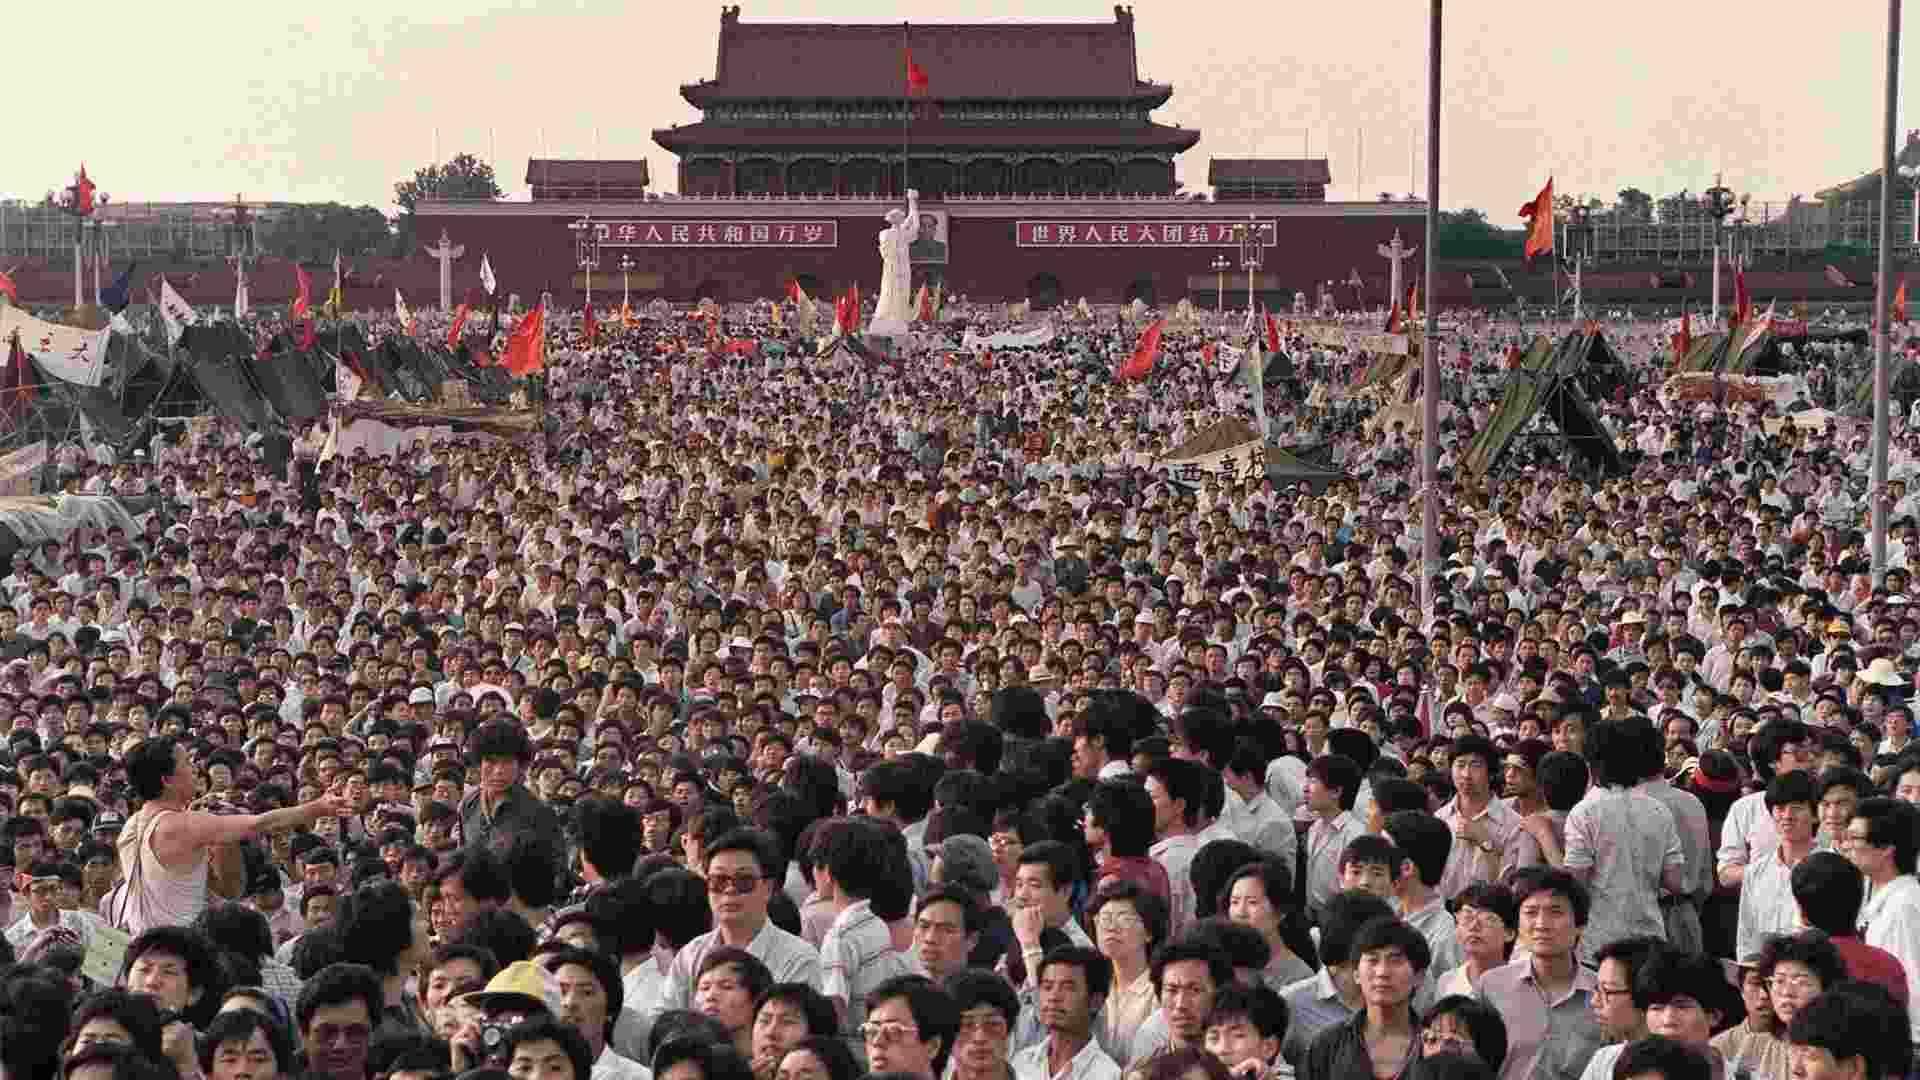 Hàng trăm ngàn người Trung Quốc tụ tập tại Quảng trường Thiên An Môn để yêu cầu dân chủ, bất chấp tình trạng thiết quân luật ở Bắc Kinh vào ngày 2/6/1989. (Catherine Henriette / AFP / Getty Images)